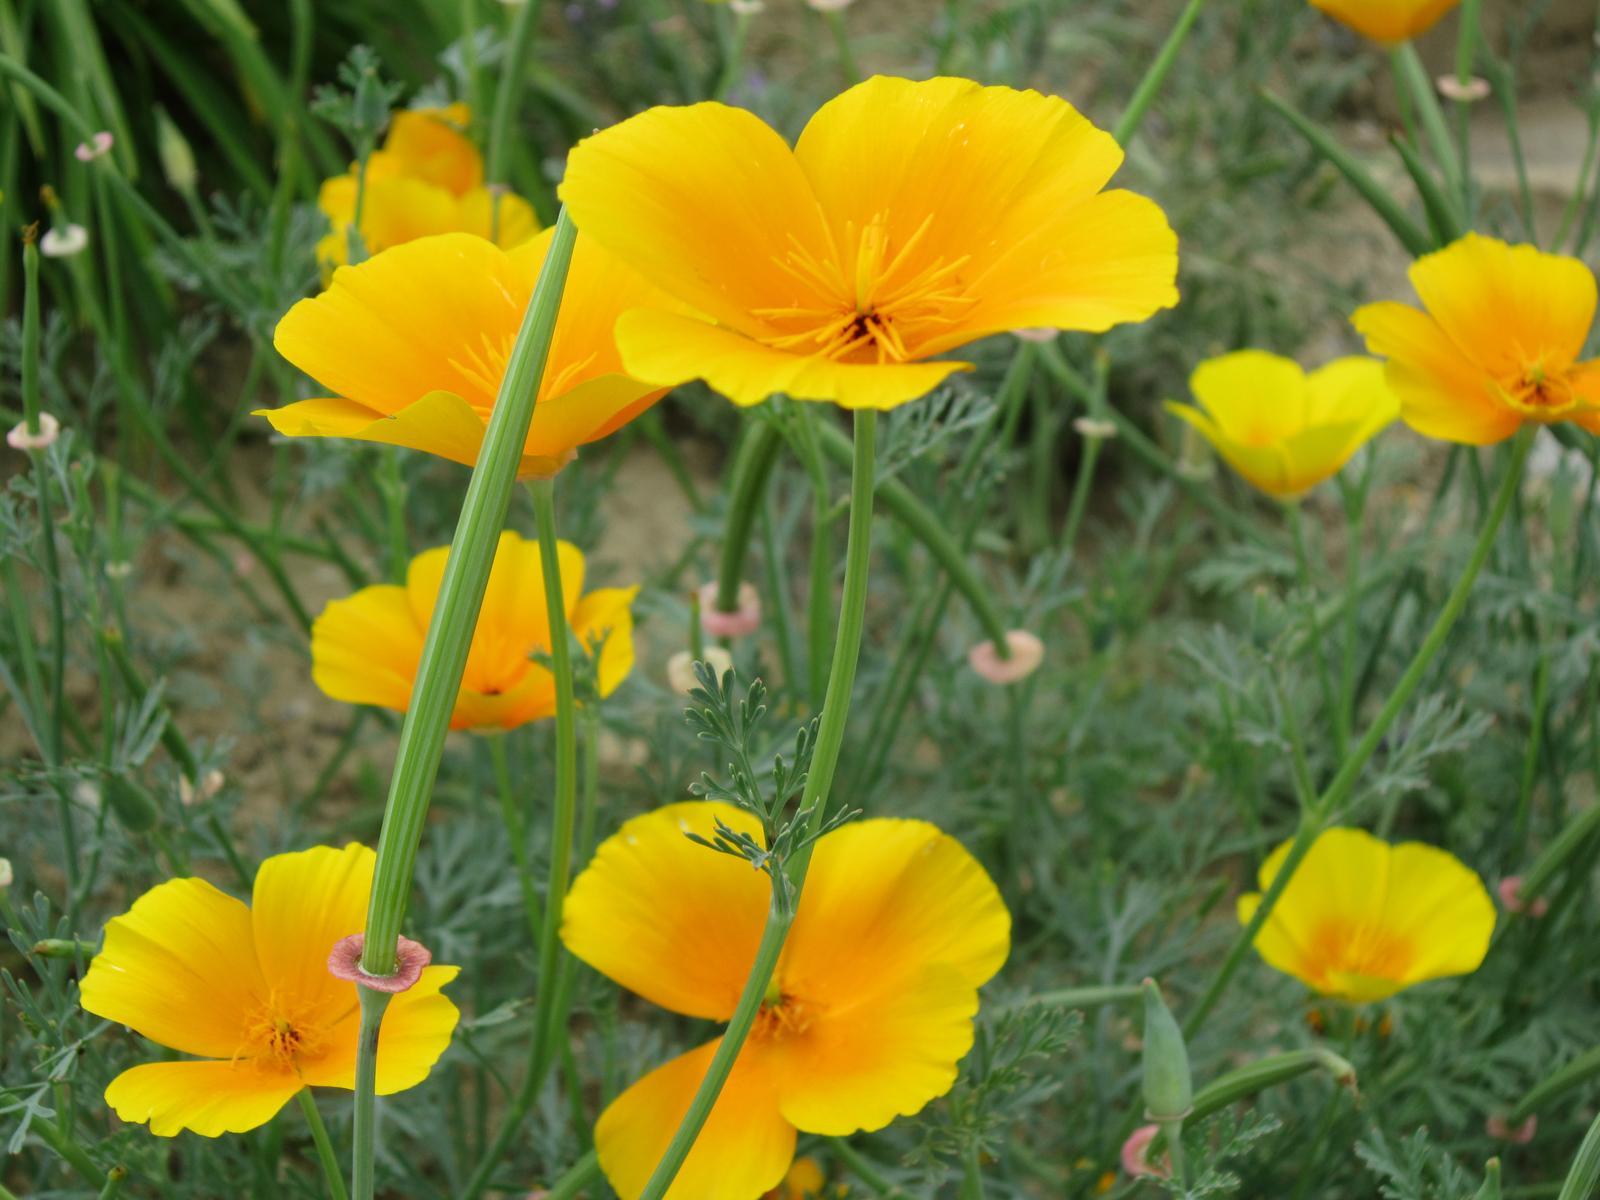 Pozvanie do našej jarnej záhrady - Slncovka má rada slniečko...